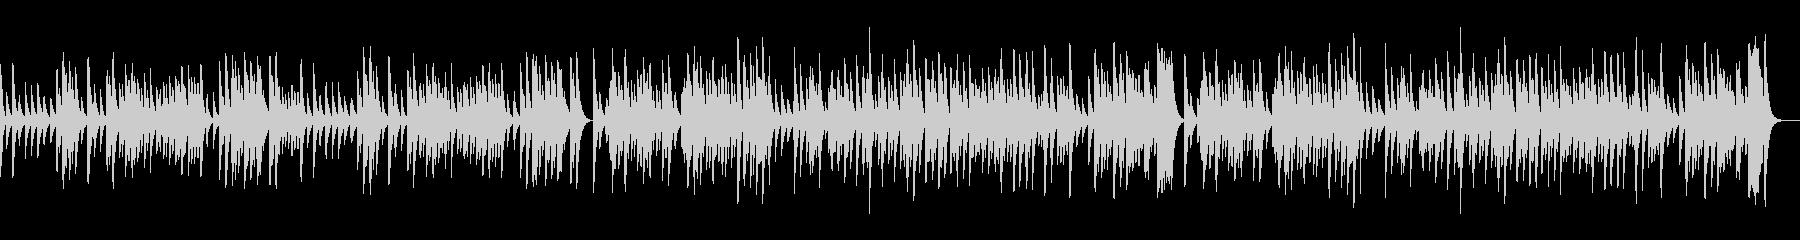 G線上のアリア/暖かい音色のオルゴールの未再生の波形